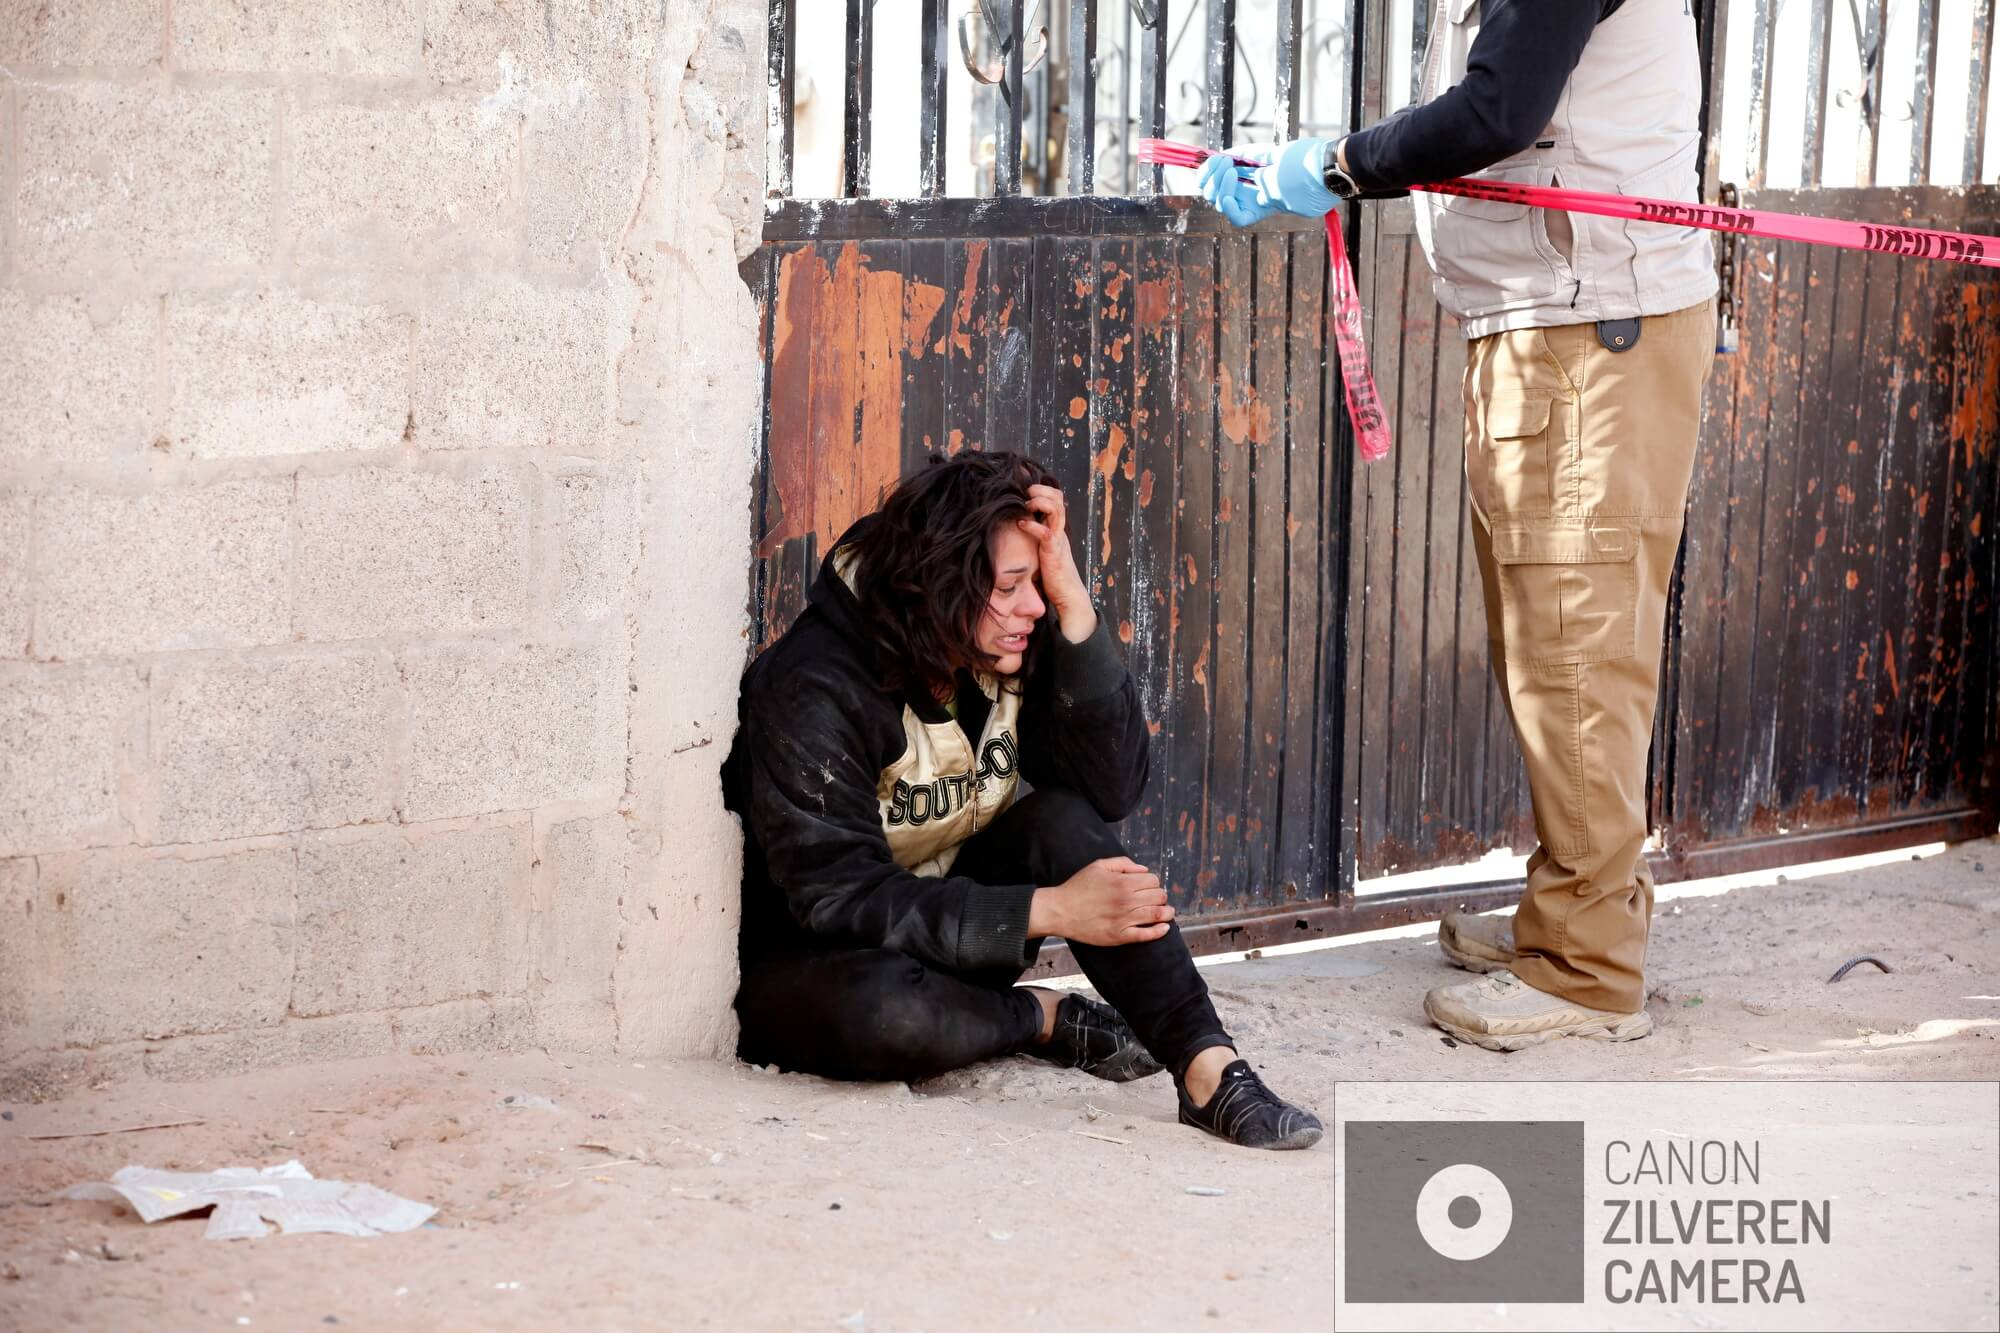 De 23-jarige echtgenote Lesly in tranen voor het huis van haar man Luis Ángel Rodriguez Contreras (27) die recht voor haar neus in huis werd doorzeefd met kogels door drie gemaskerde mannen.